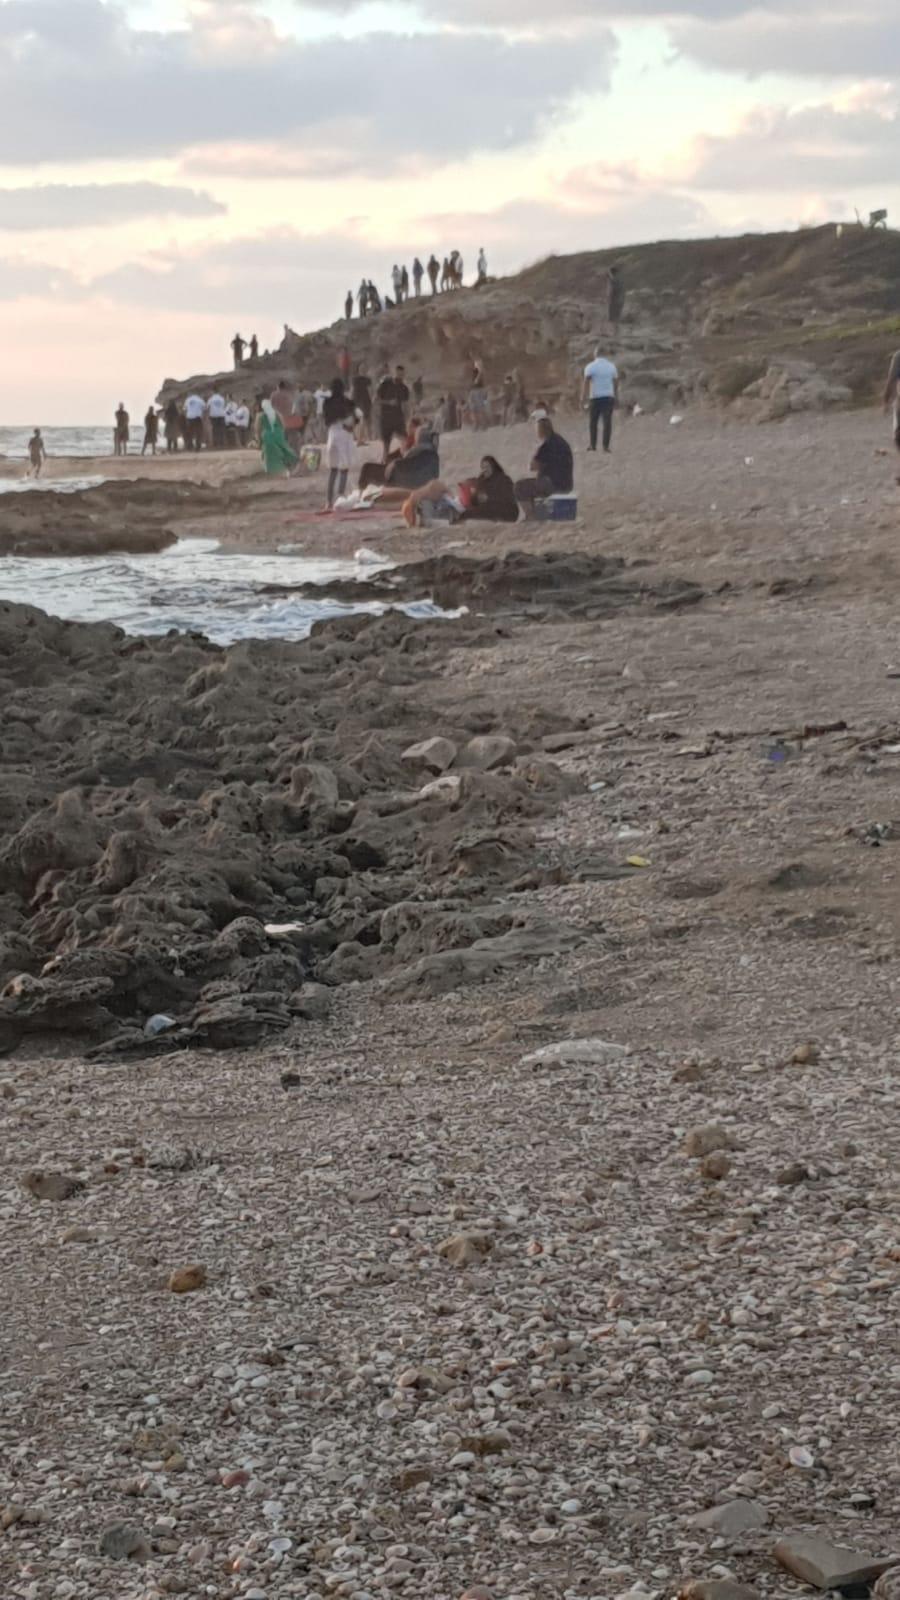 إختفاء آثار شاب في عمق البحر بجسر الزرقاء